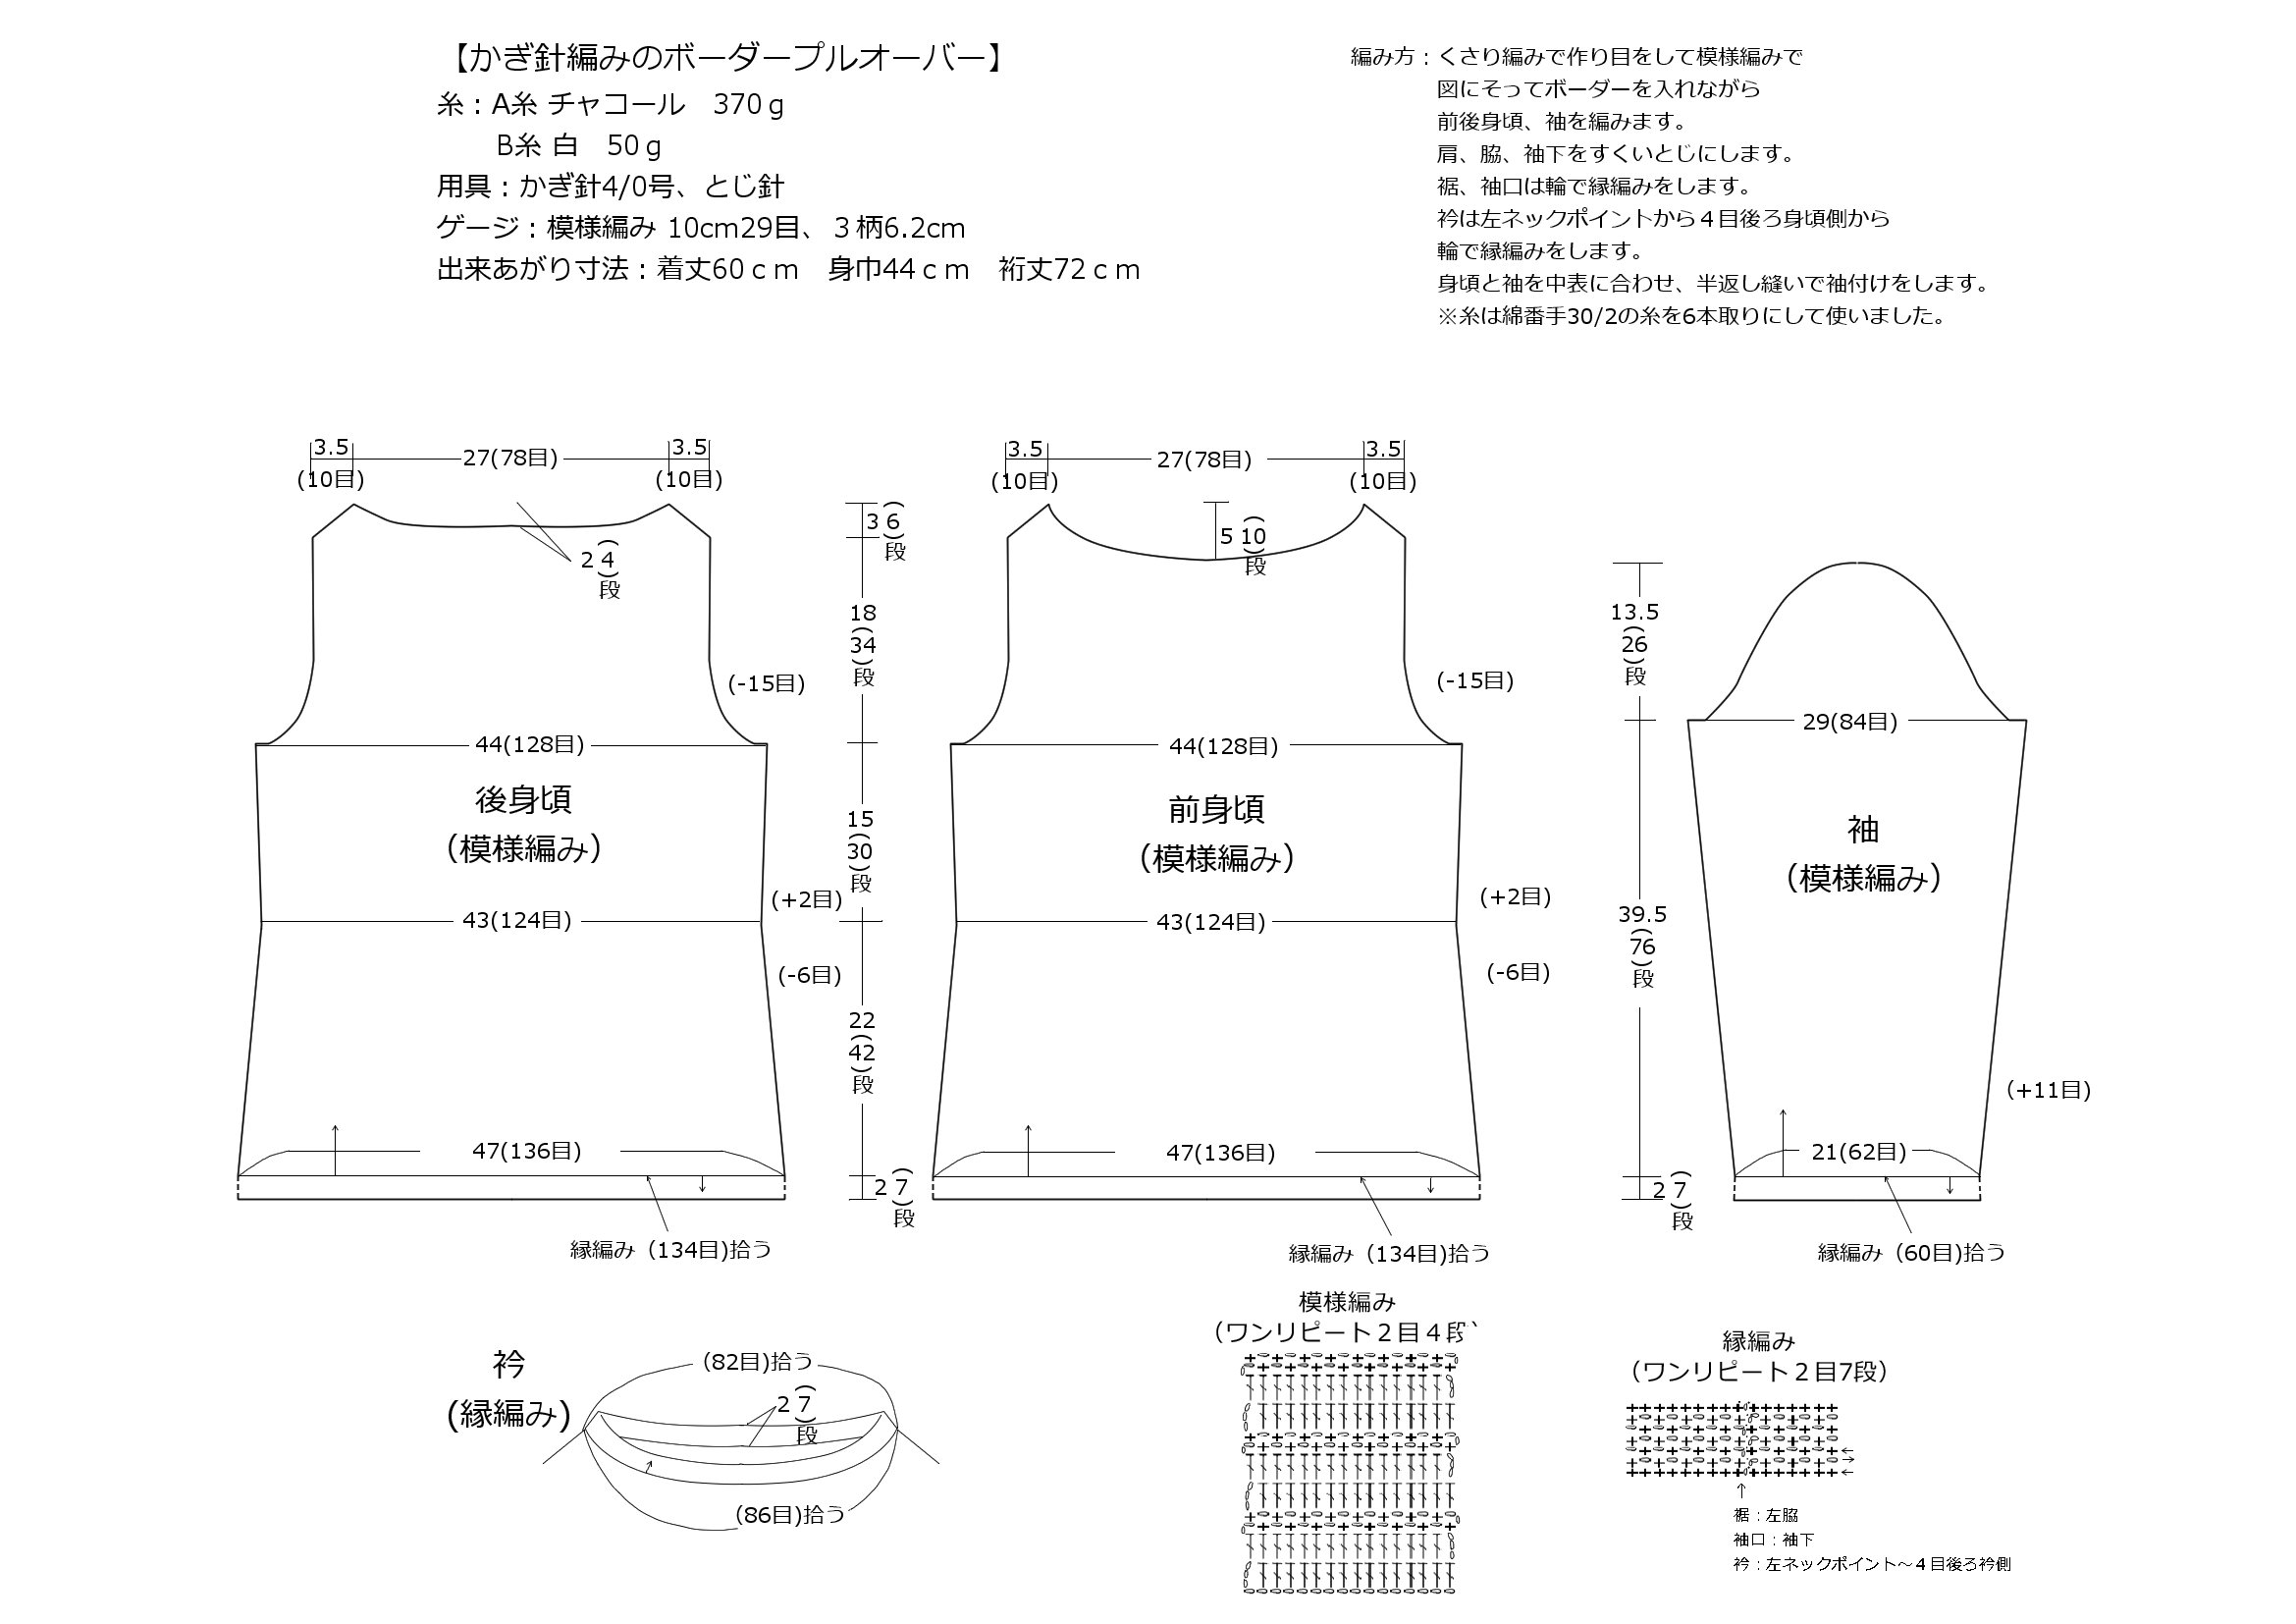 ボーダープルオーバー製図